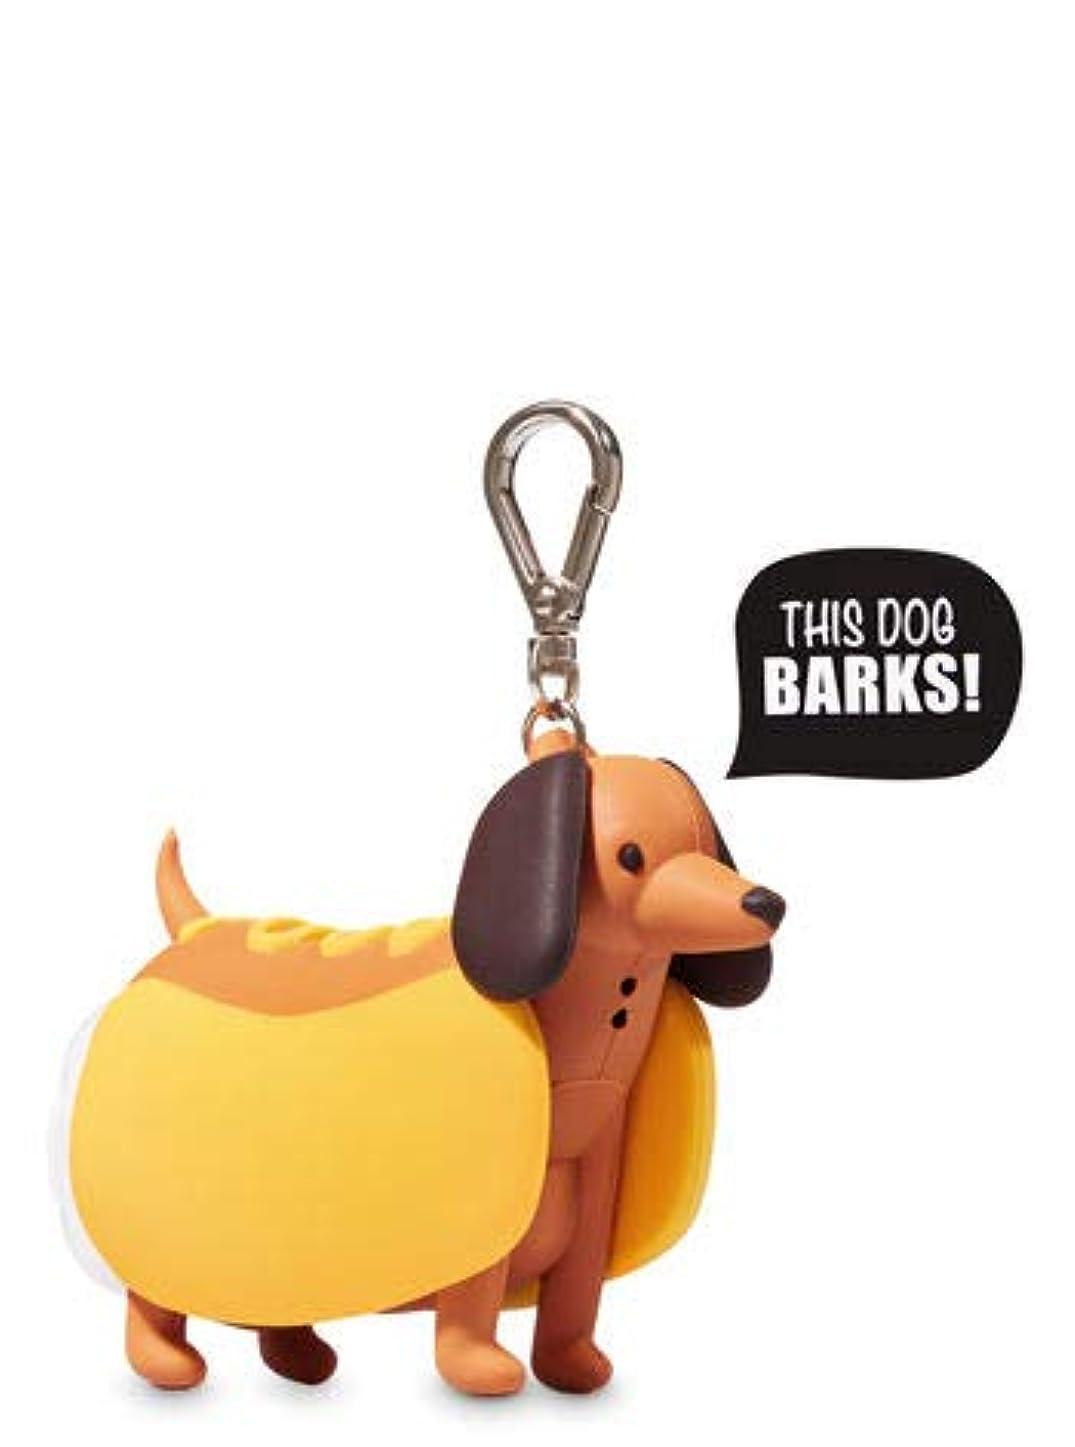 感心する電化する発音する【Bath&Body Works/バス&ボディワークス】 抗菌ハンドジェルホルダー バーキングホットドッグ Pocketbac Holder Barking Hot Dog [並行輸入品]